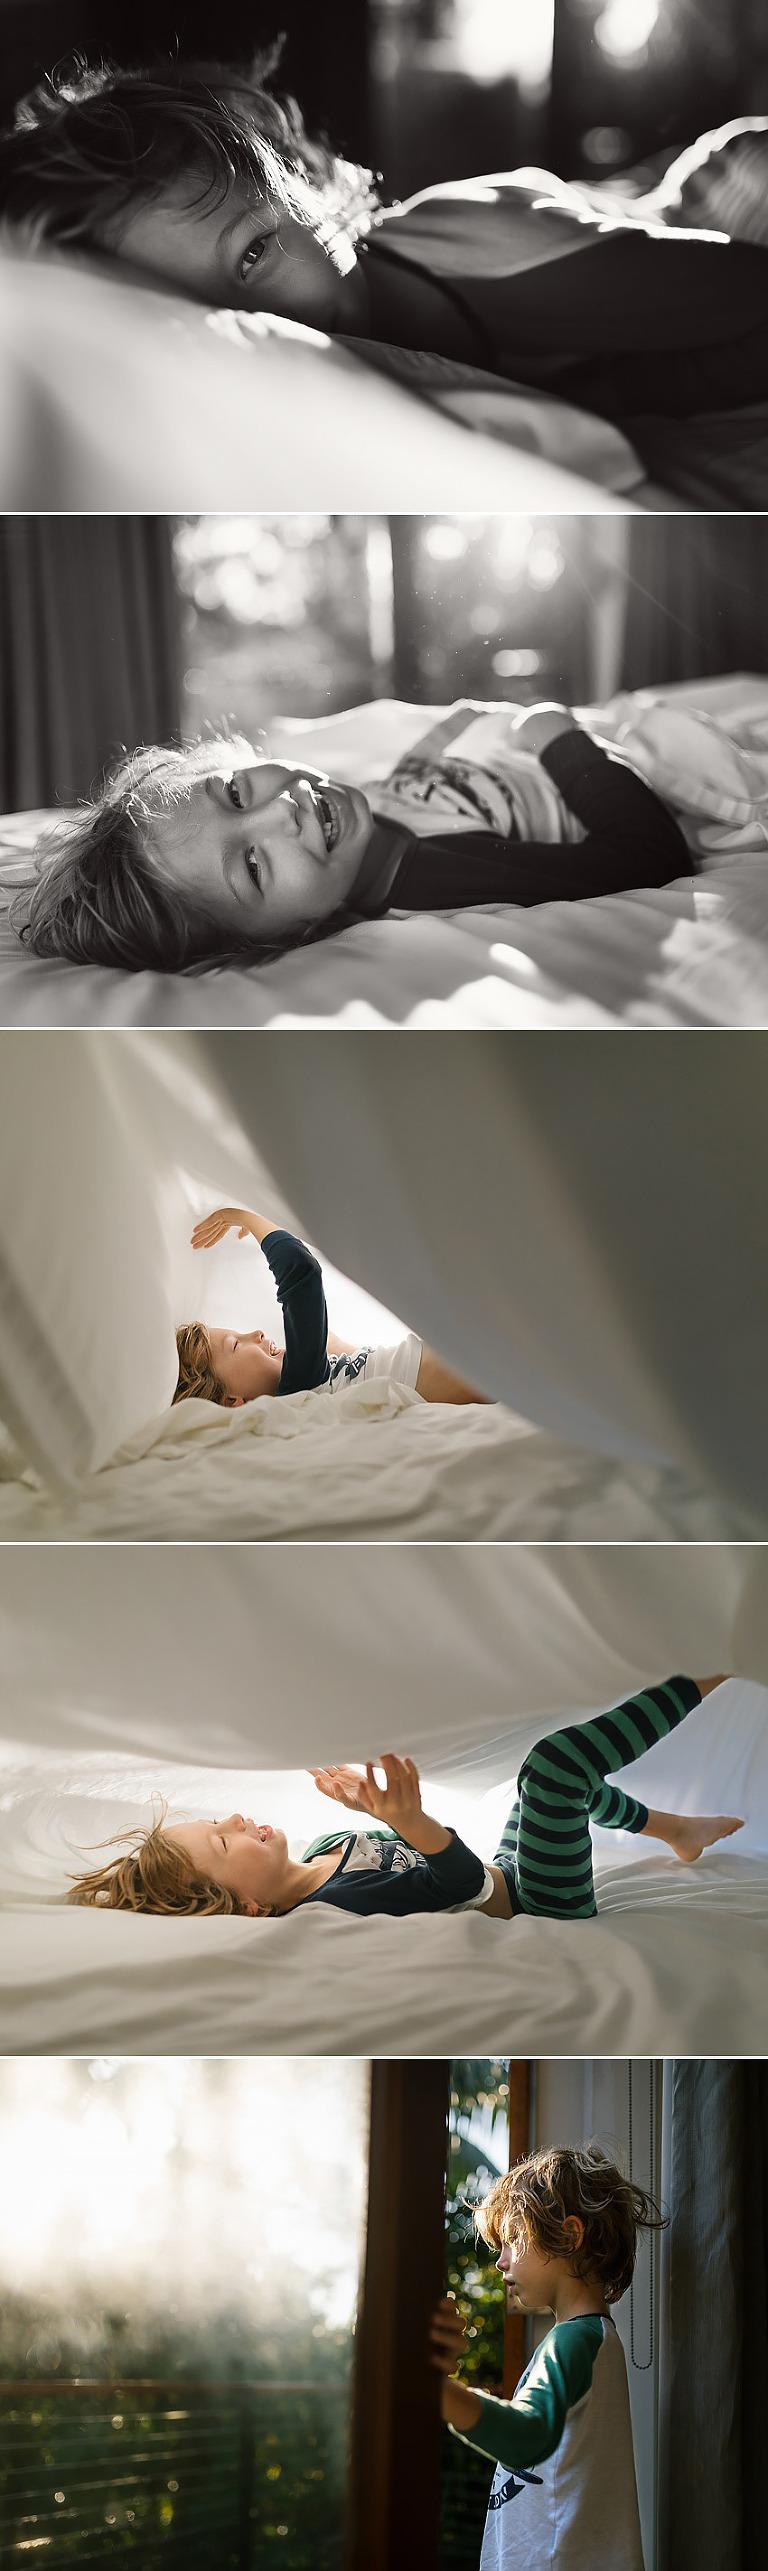 Family-lifestyle-photographer-sydney-sutherland-shire